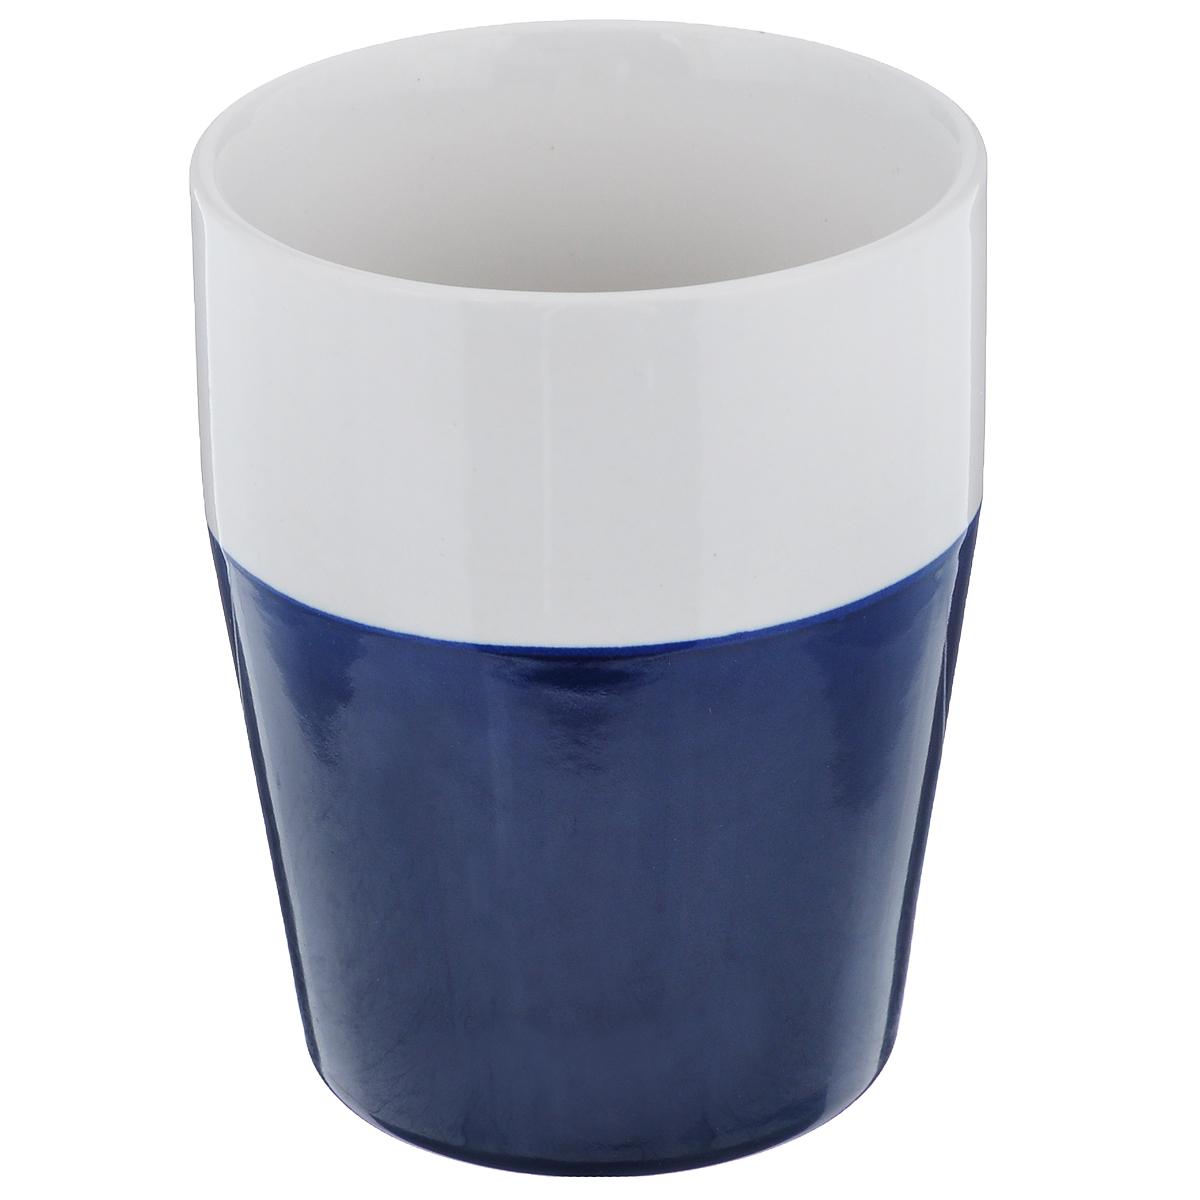 Кружка Sagaform, цвет: белый, синий, 280 мл5016148Кружка Sagaform выполнена из высококачественной керамики. Кружка сочетает в себе оригинальный дизайн и функциональность. Благодаря такой кружке пить напитки будет еще вкуснее. Кружка Sagaform согреет вас долгими холодными вечерами. Объем: 280 мл. Диаметр (по верхнему краю): 7,5 см. Высота кружки: 10 см.